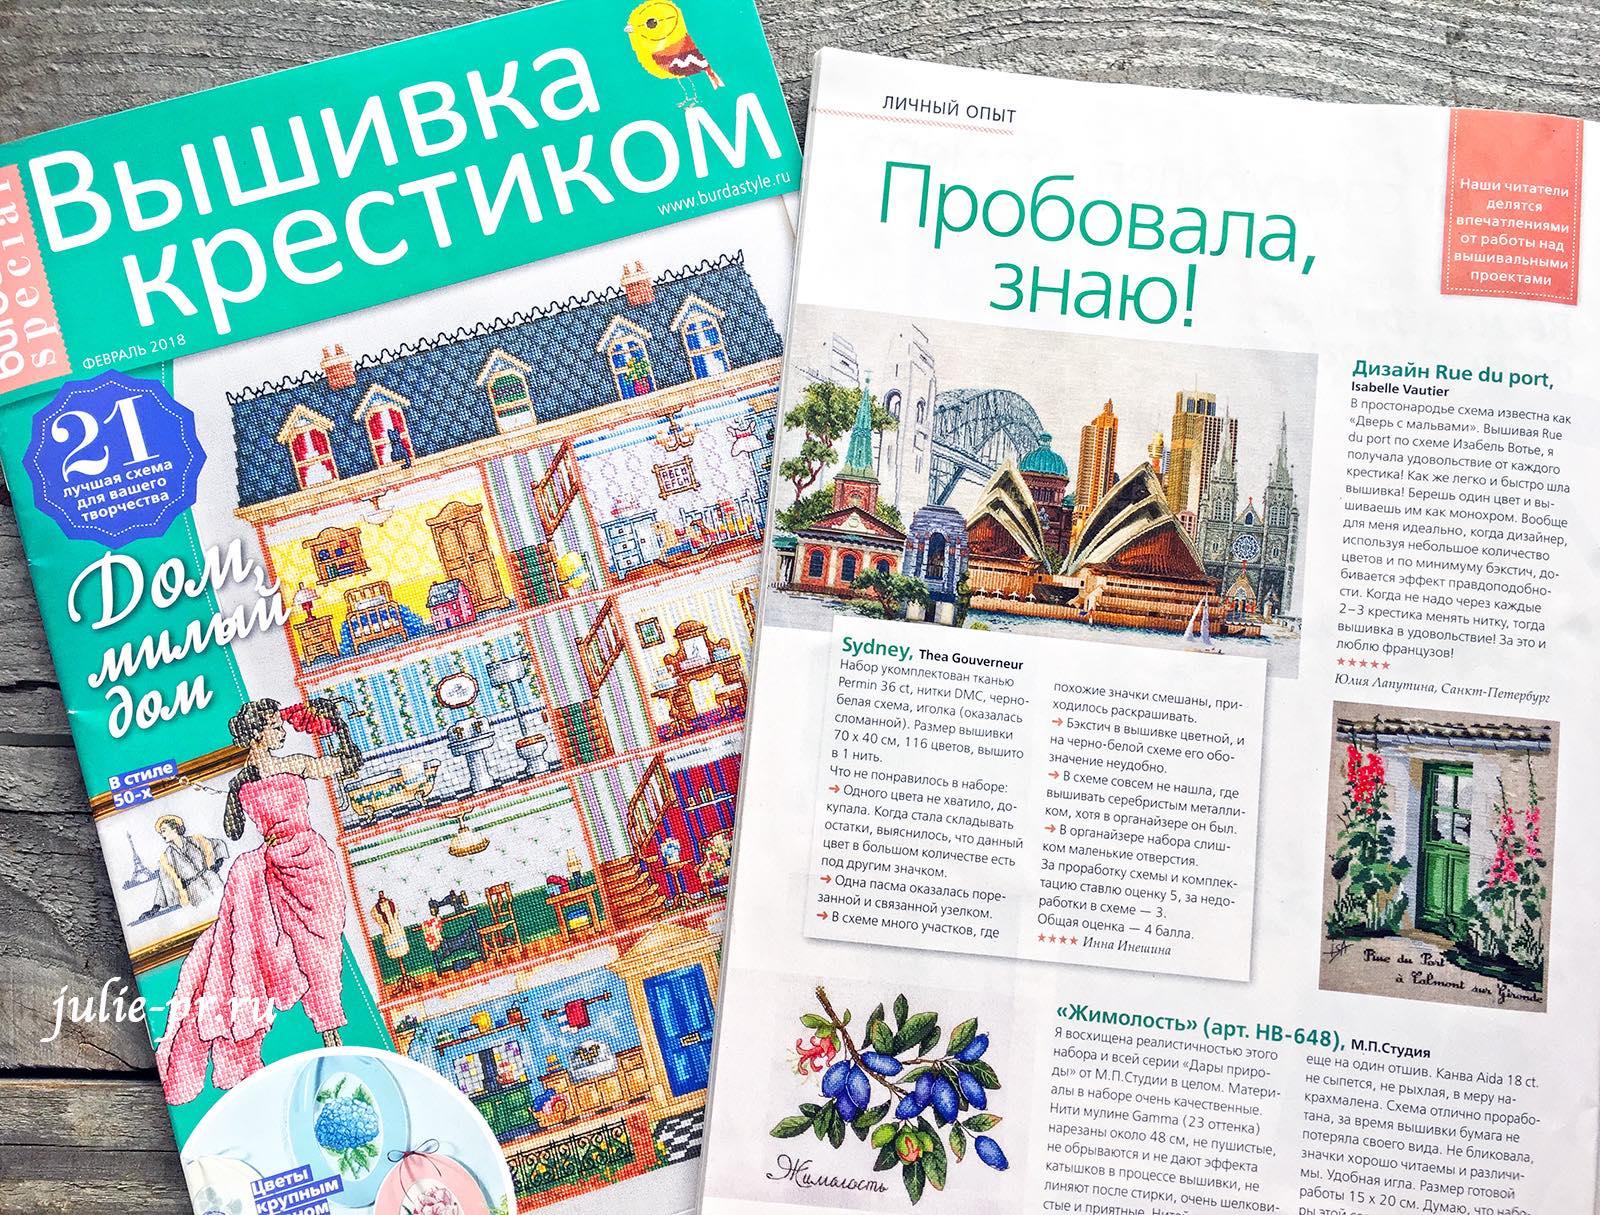 Юлия Лапутина, публикация в журнале Burda. Вышивка крестиком (февраль 2018), Isabelle Vautier Rue Du Port